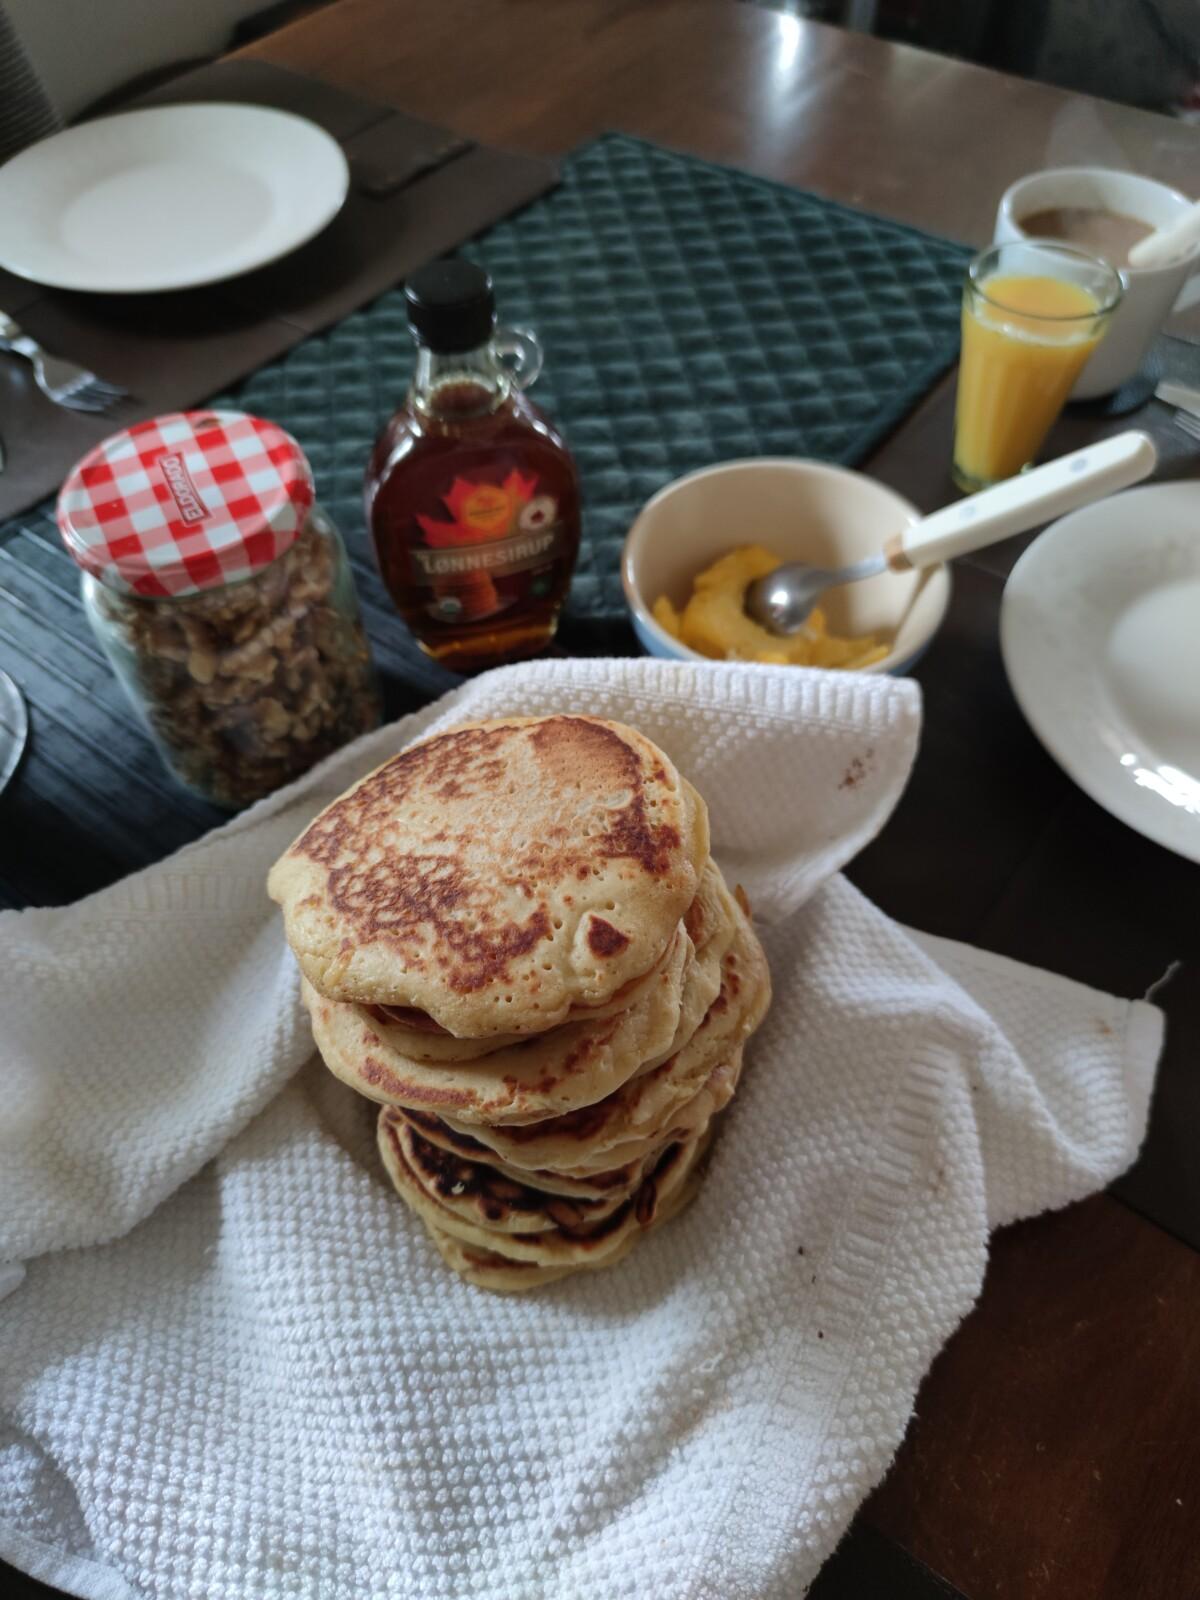 mat-marokkansk-marokko-maroc-marokkansrett-middag-mat-ukensbilde-ukensomvar-solnedgang-amerikanskepannekaker-pannekaker-amerikansk-blogg-isalicious-isalicious1-isalicious.blogg.no